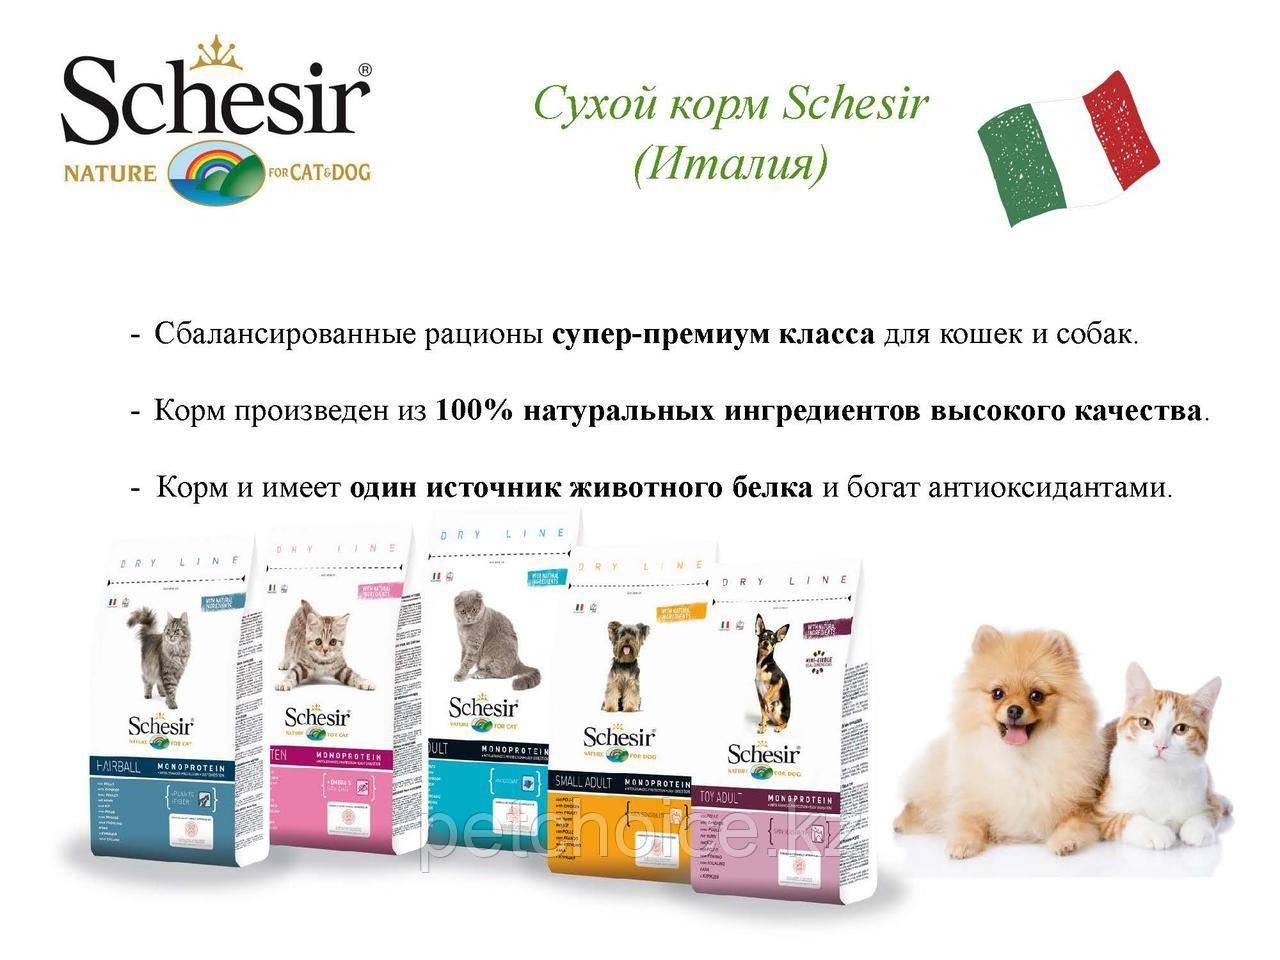 Корм для кошек шезир: какой лучше выбрать? советы по выбору +видео